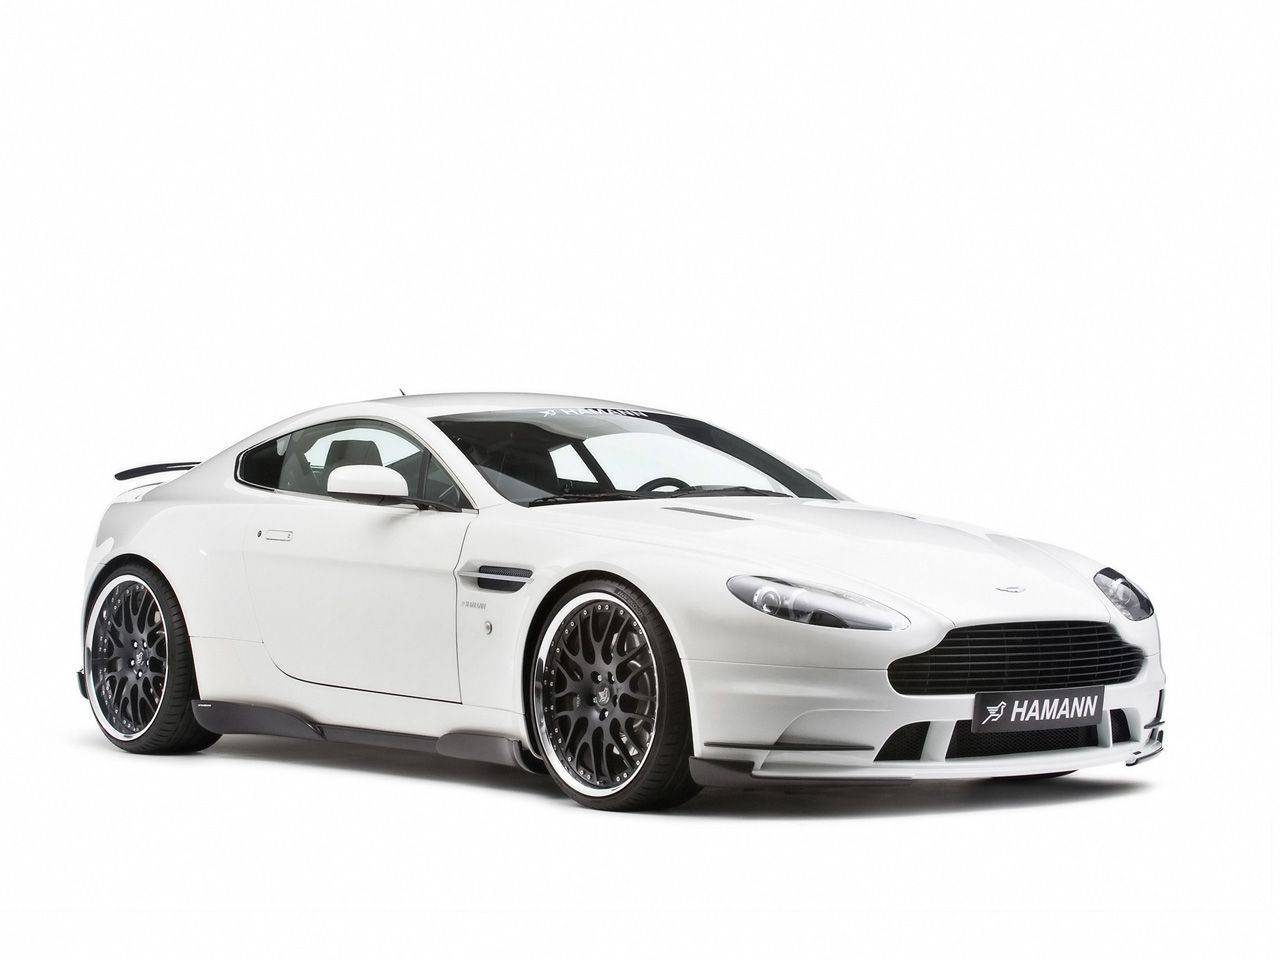 Aston Martin bestellte bei Lippenbalsamshop.de